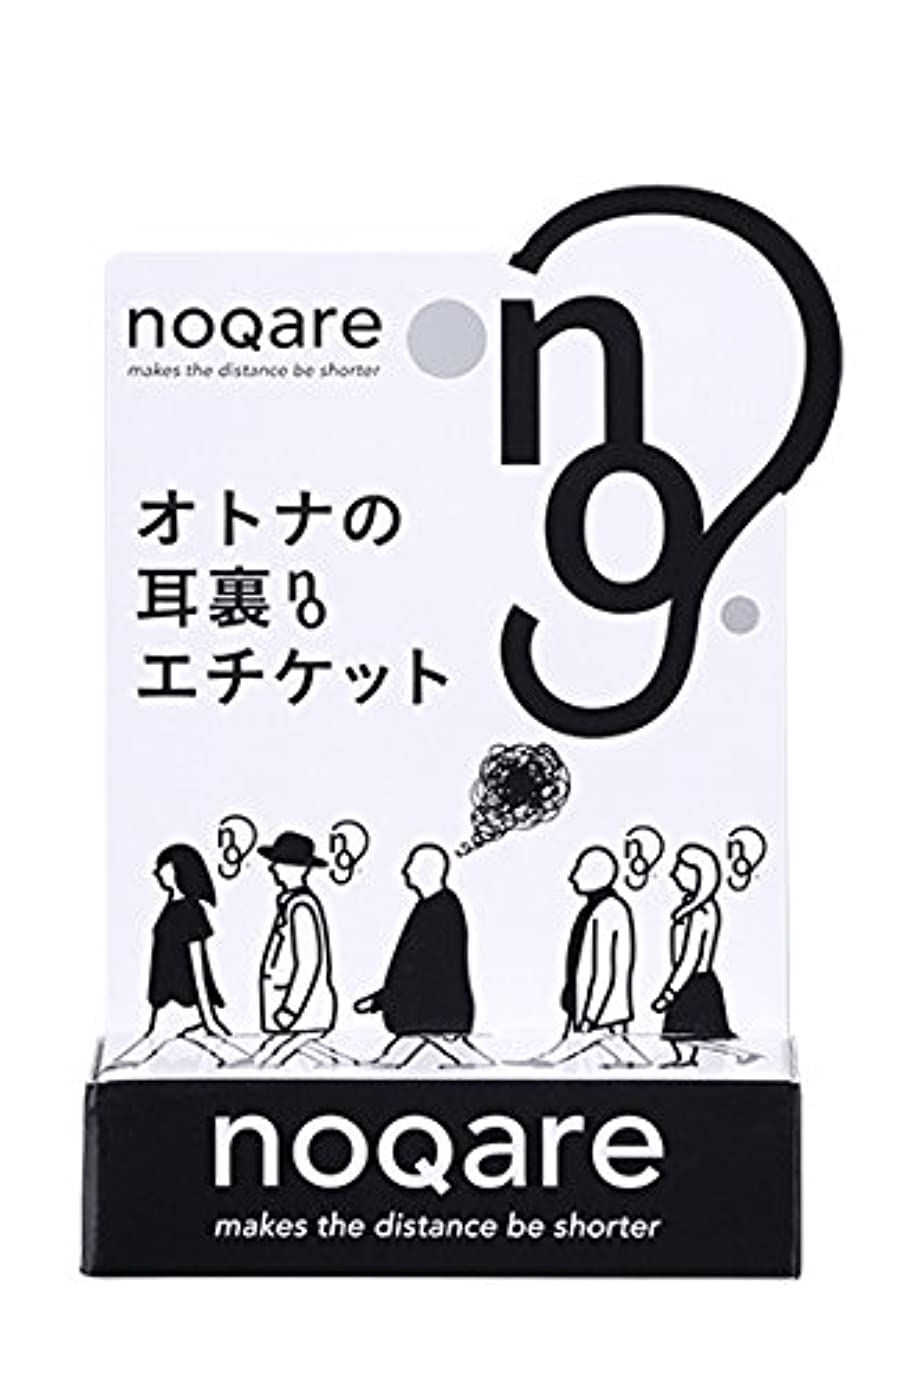 バウンス教育する防止ノカレ 耳裏用スポットバーム 無香料 5g